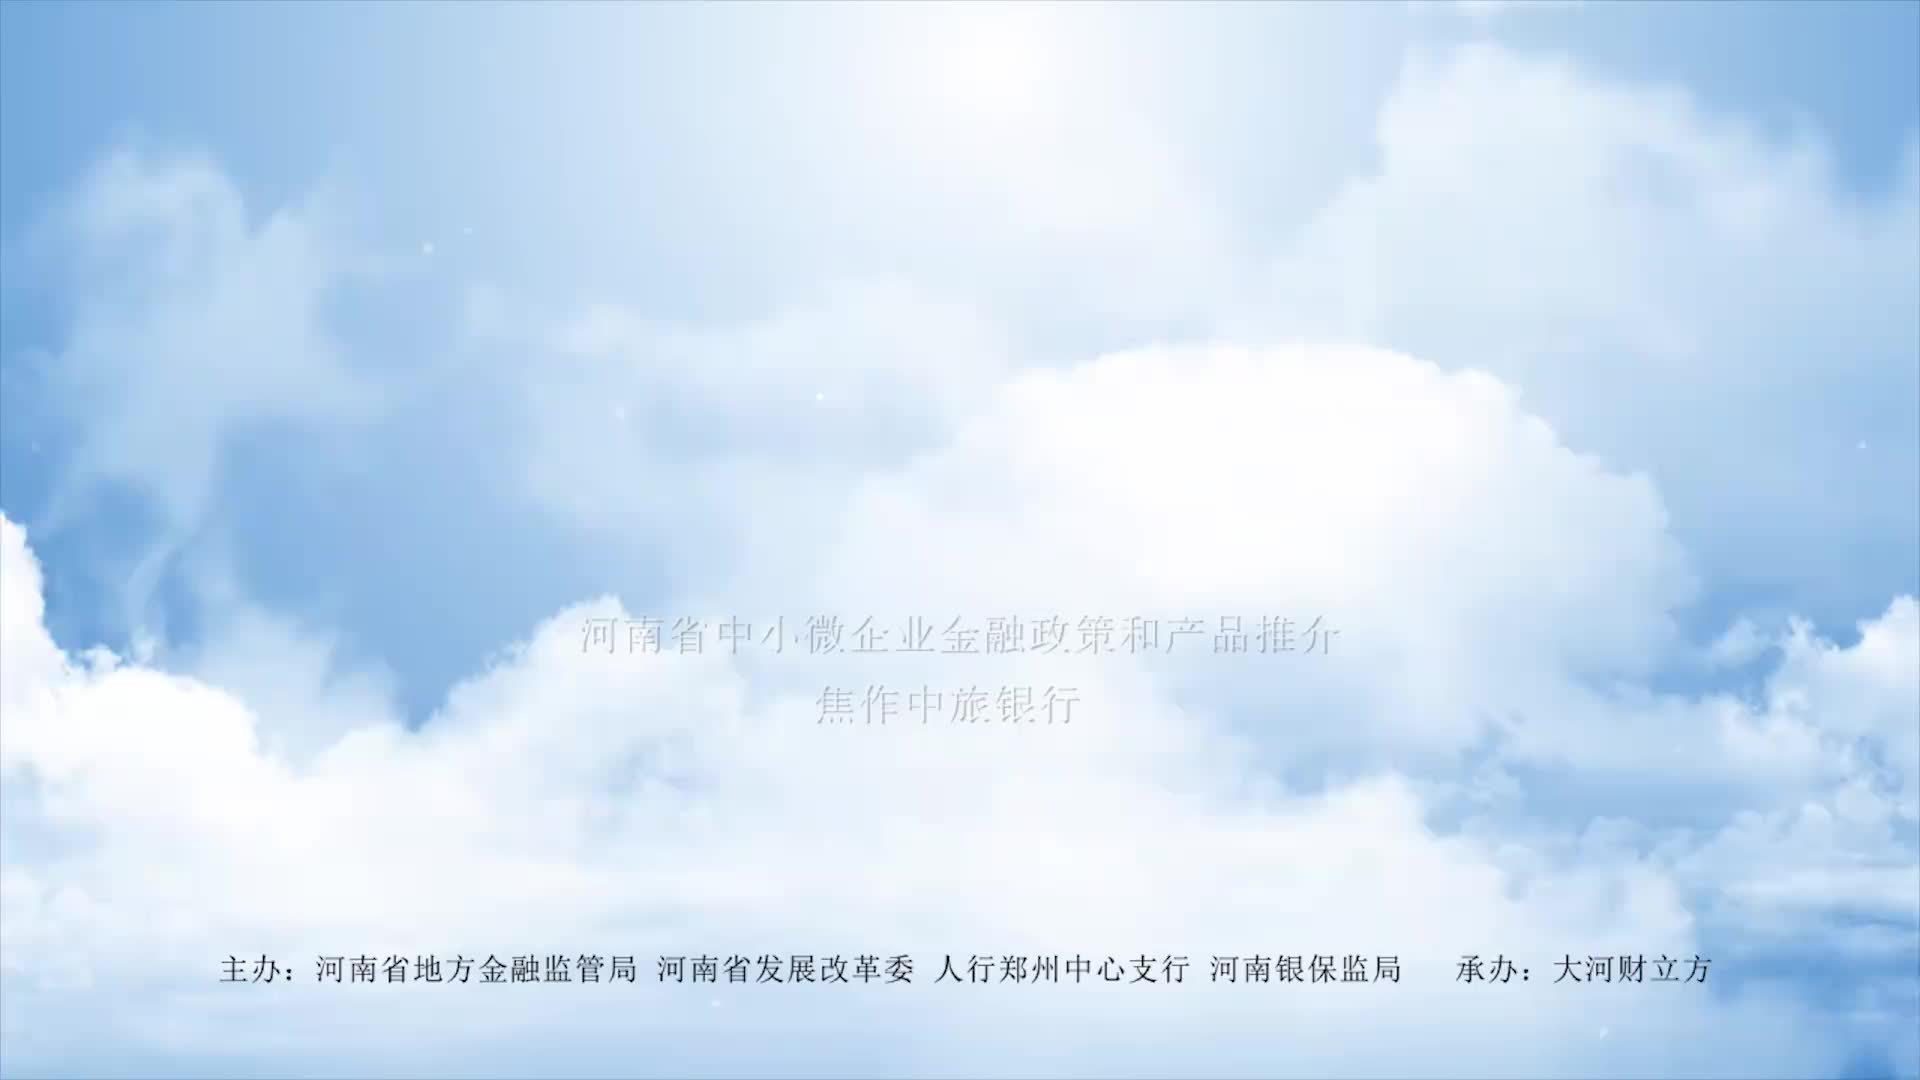 焦作中旅银行副行长李宏恩:特色业务贷款余额130亿……